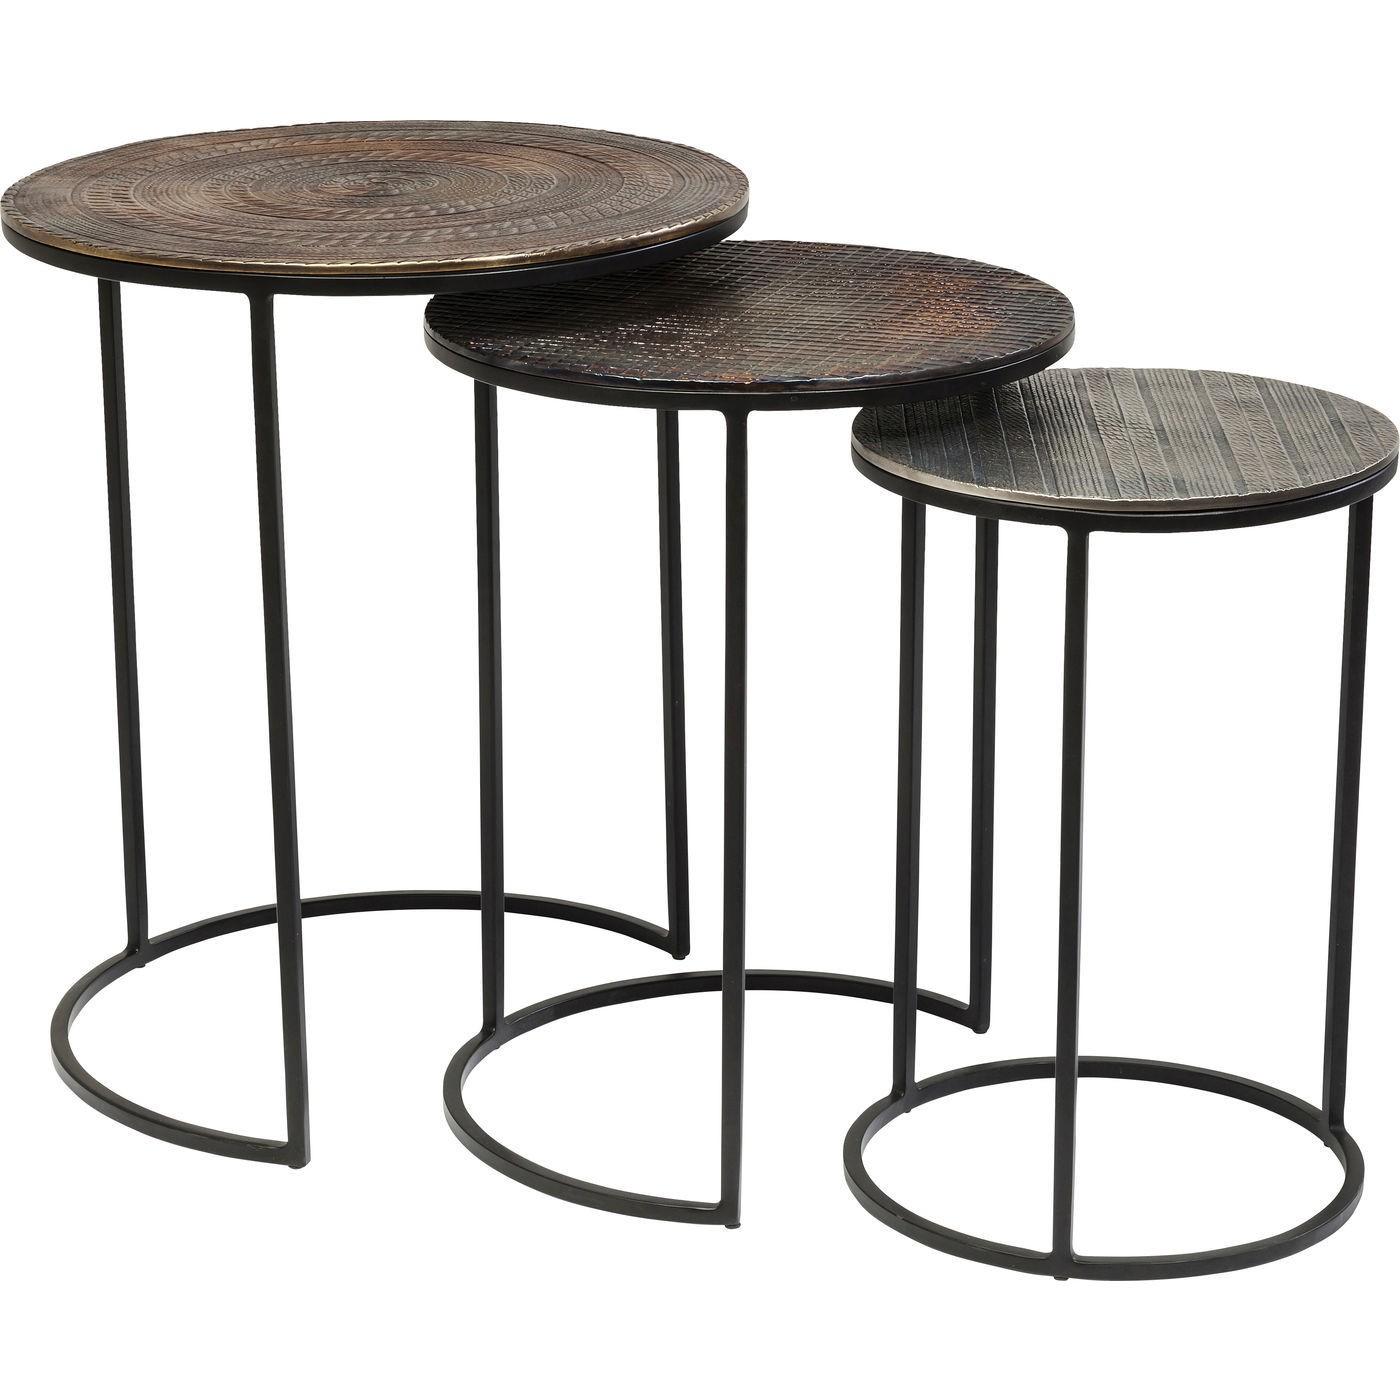 3 tables d'appoint en acier et aluminium